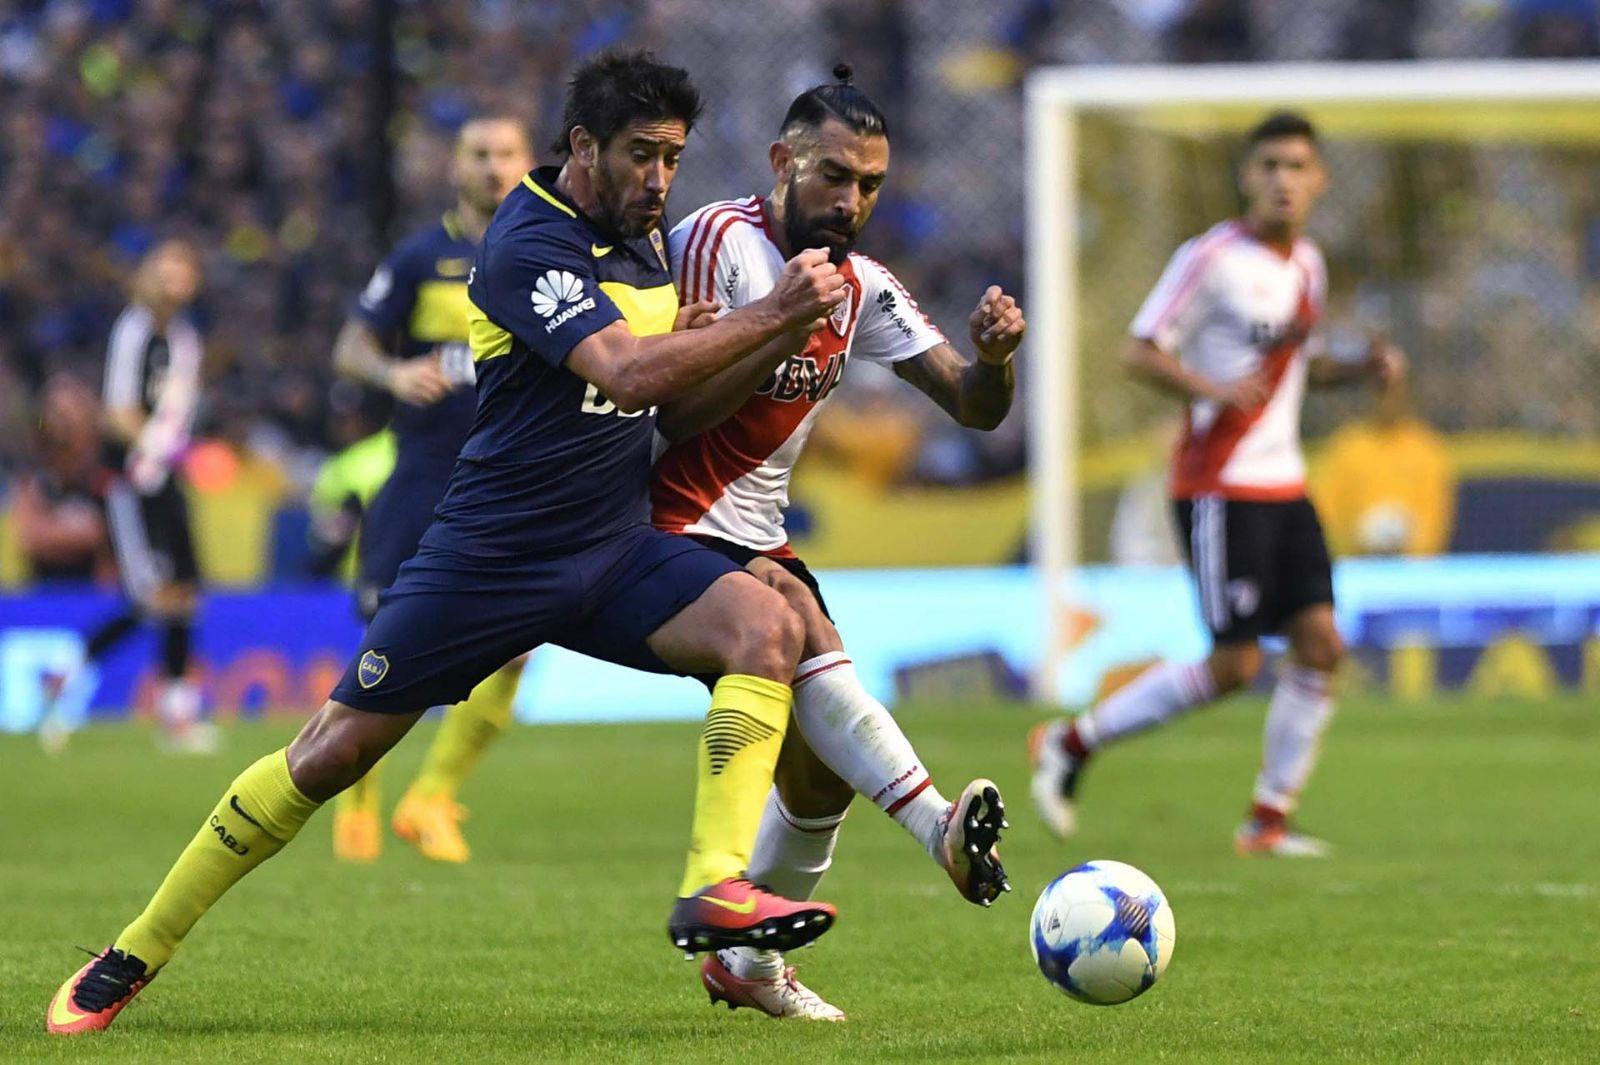 Boca y Newell's jugarán el sábado — Cambio importante